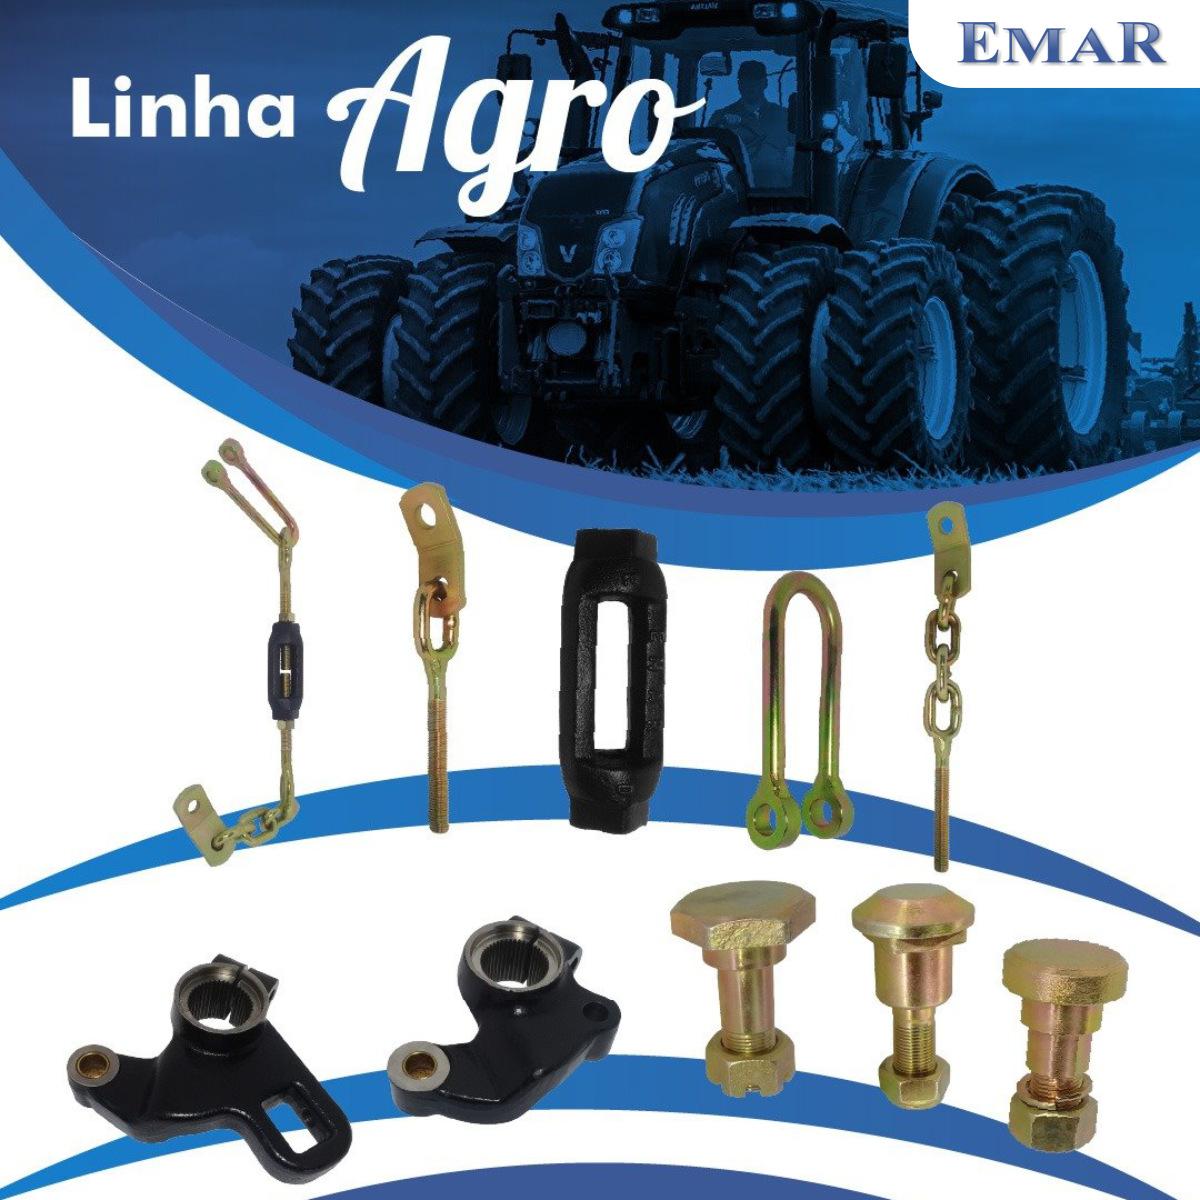 Pino Engate - Duplo - Linha Agrícola